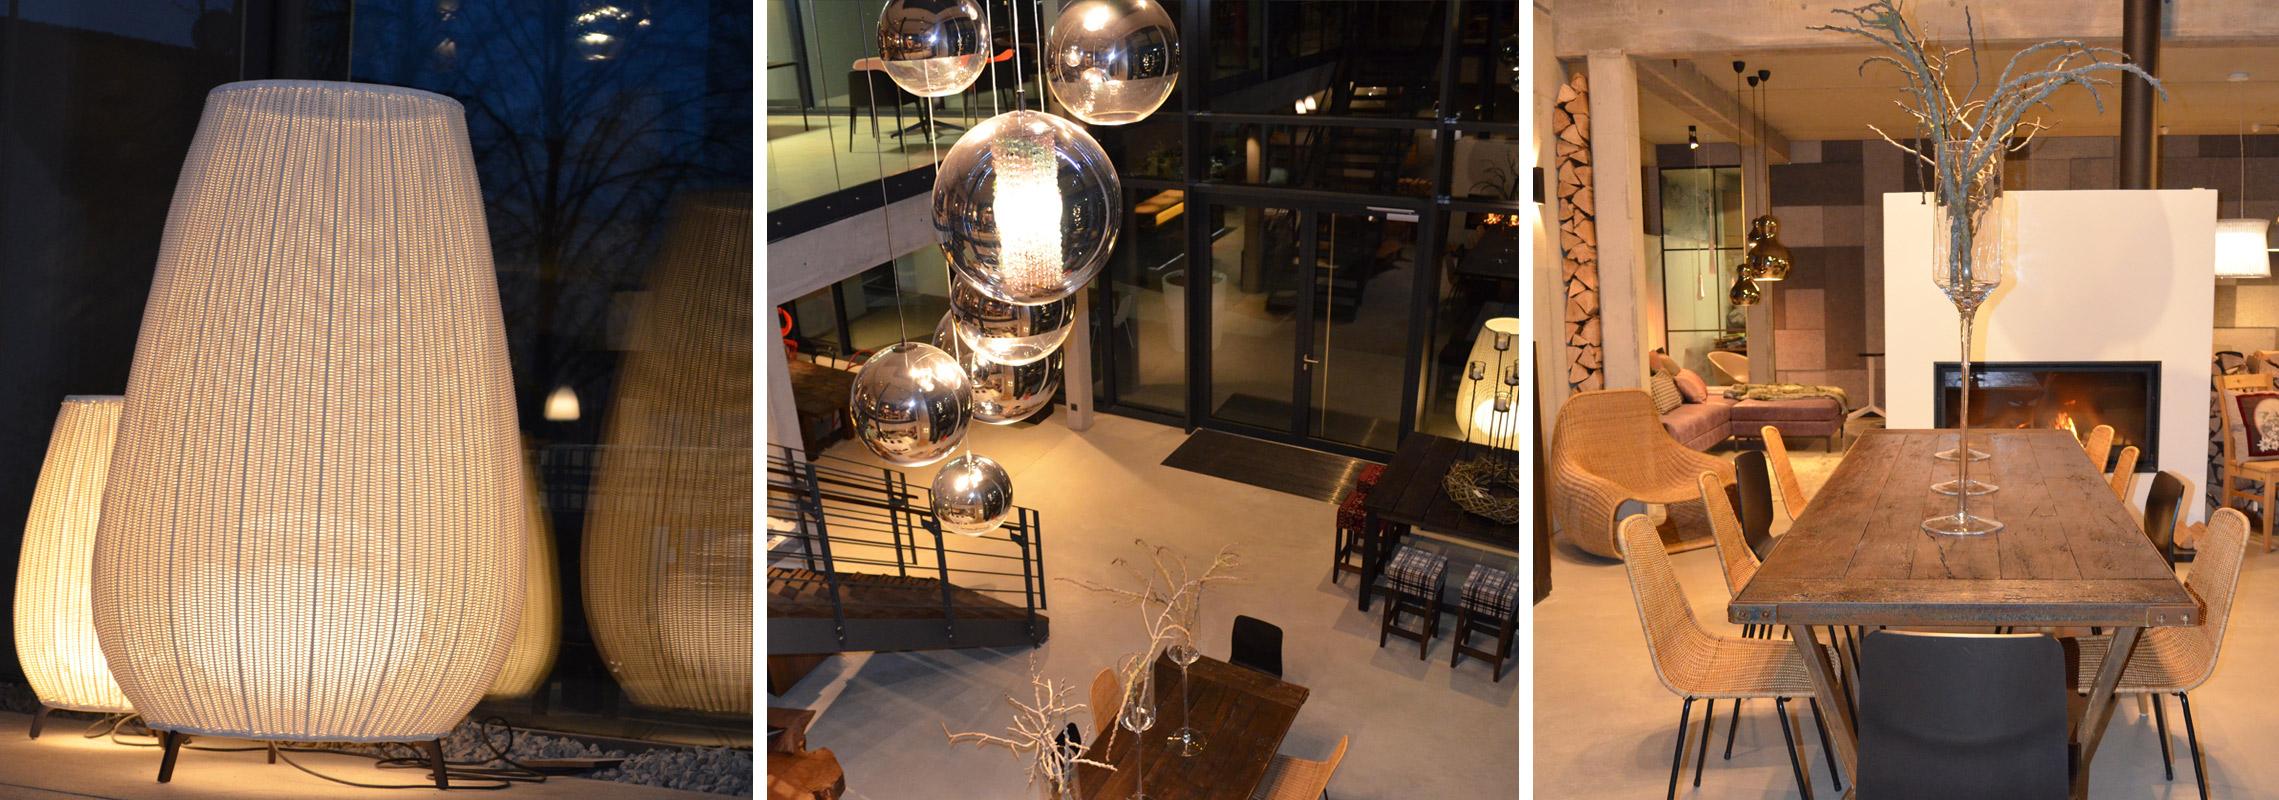 Kachelbild mit verschiedenen Lampen, Tischen und Stühlen als design Beispiel